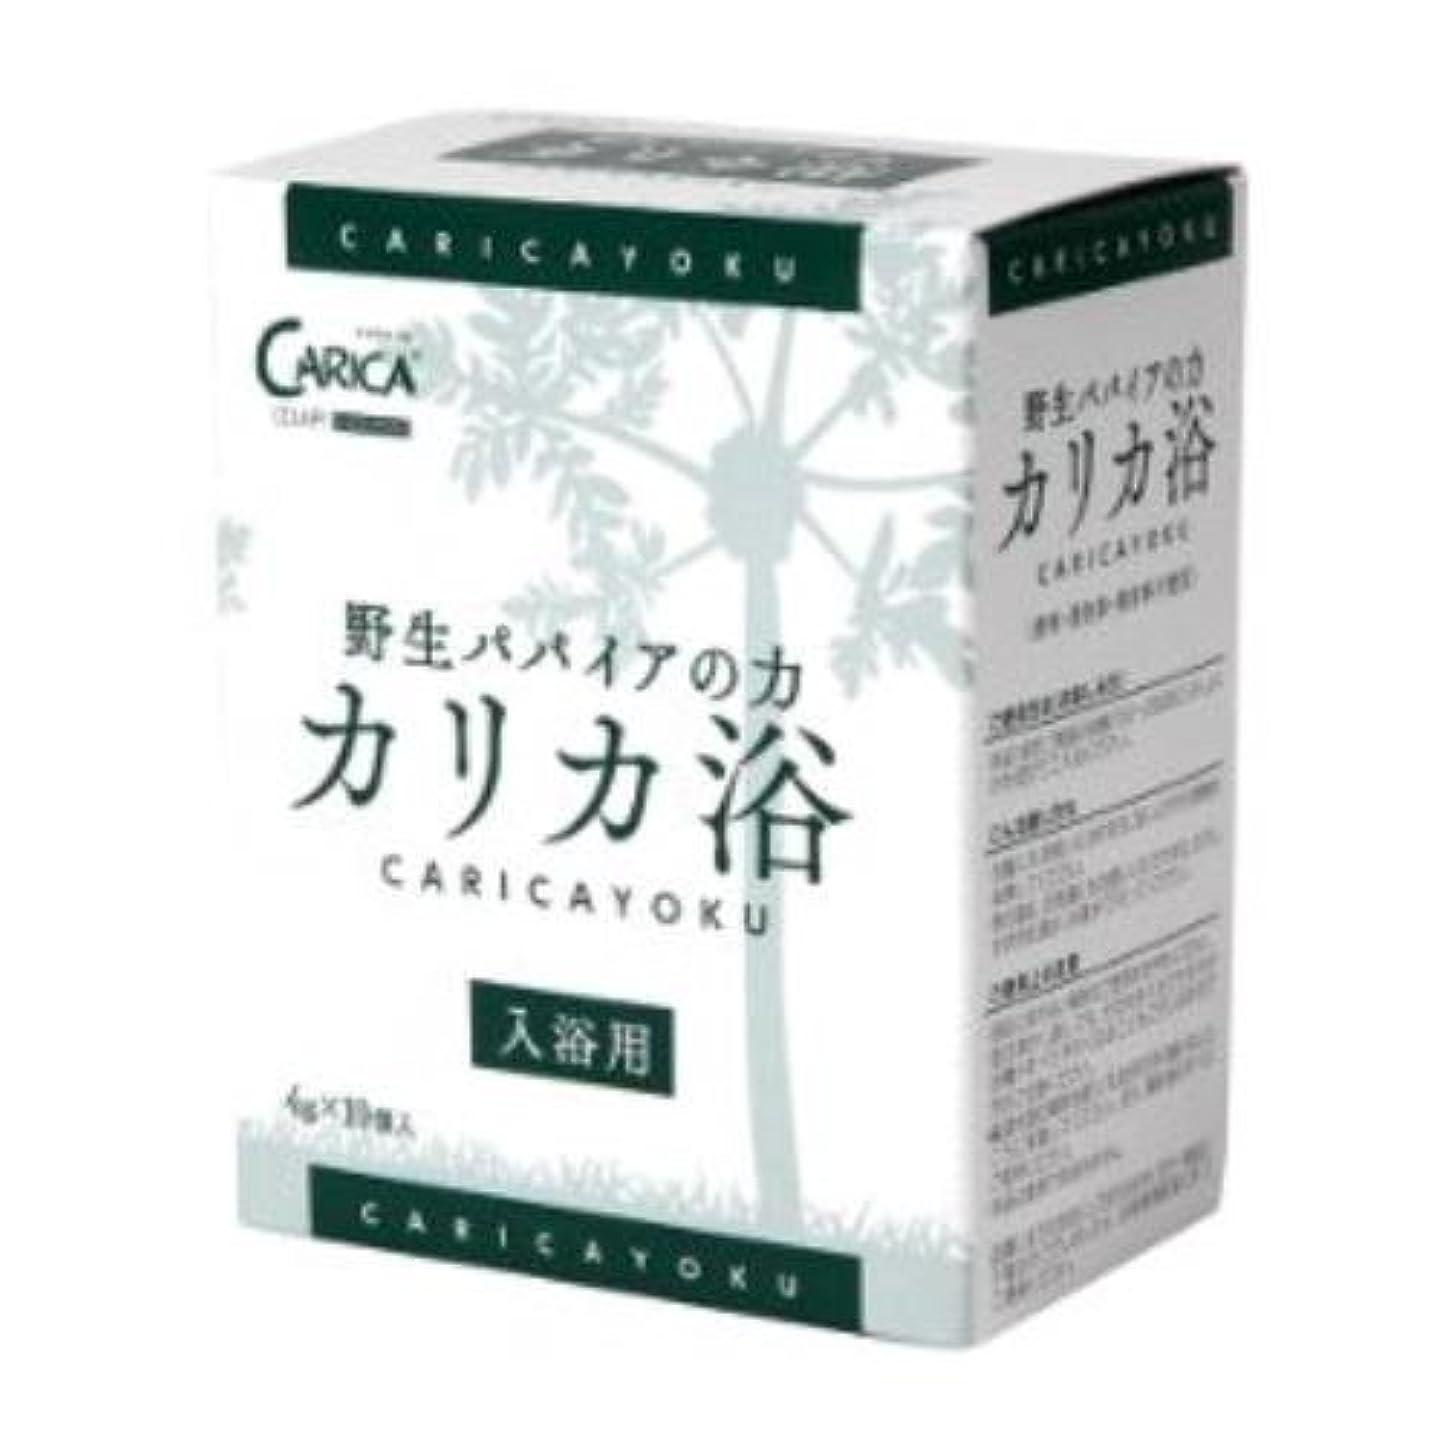 たるみ石の消毒剤カリカ浴 4g×10包